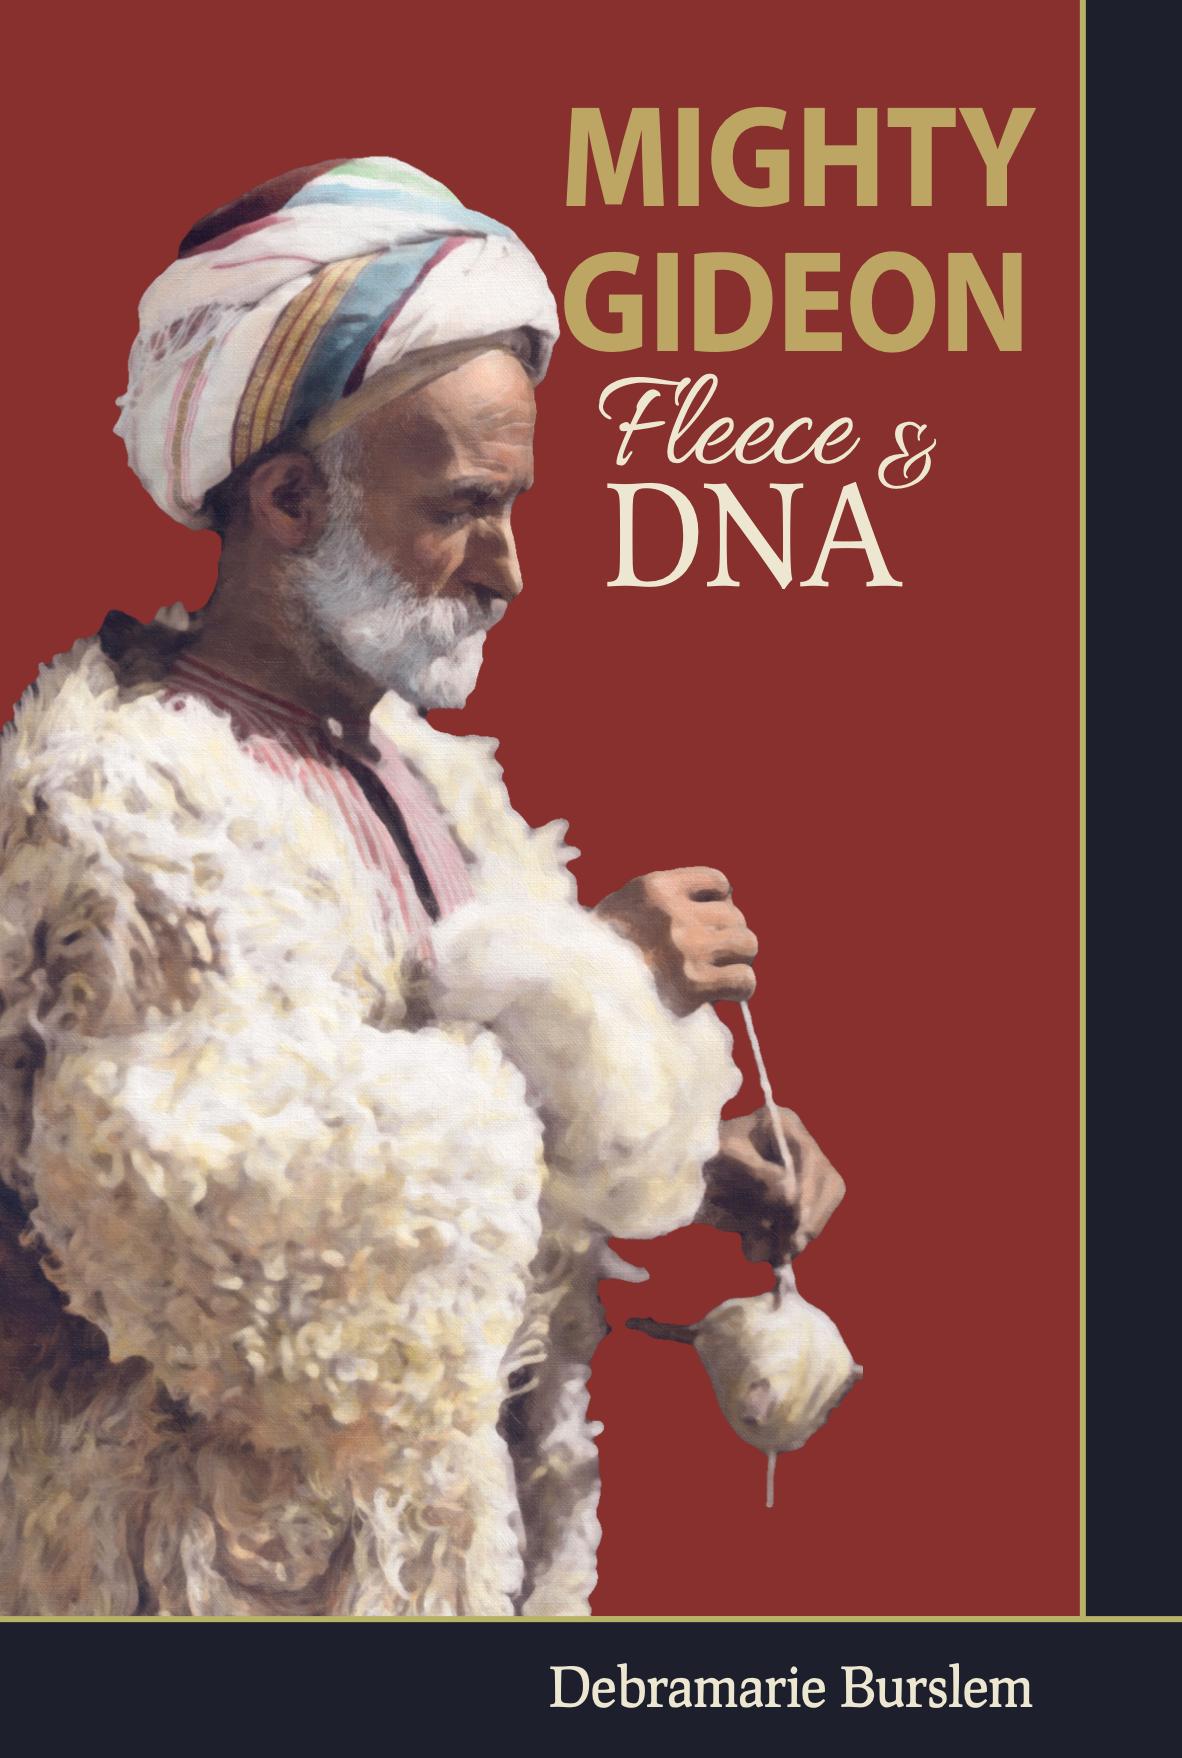 Mighty Gideon - Fleece & DNA SKU 10492